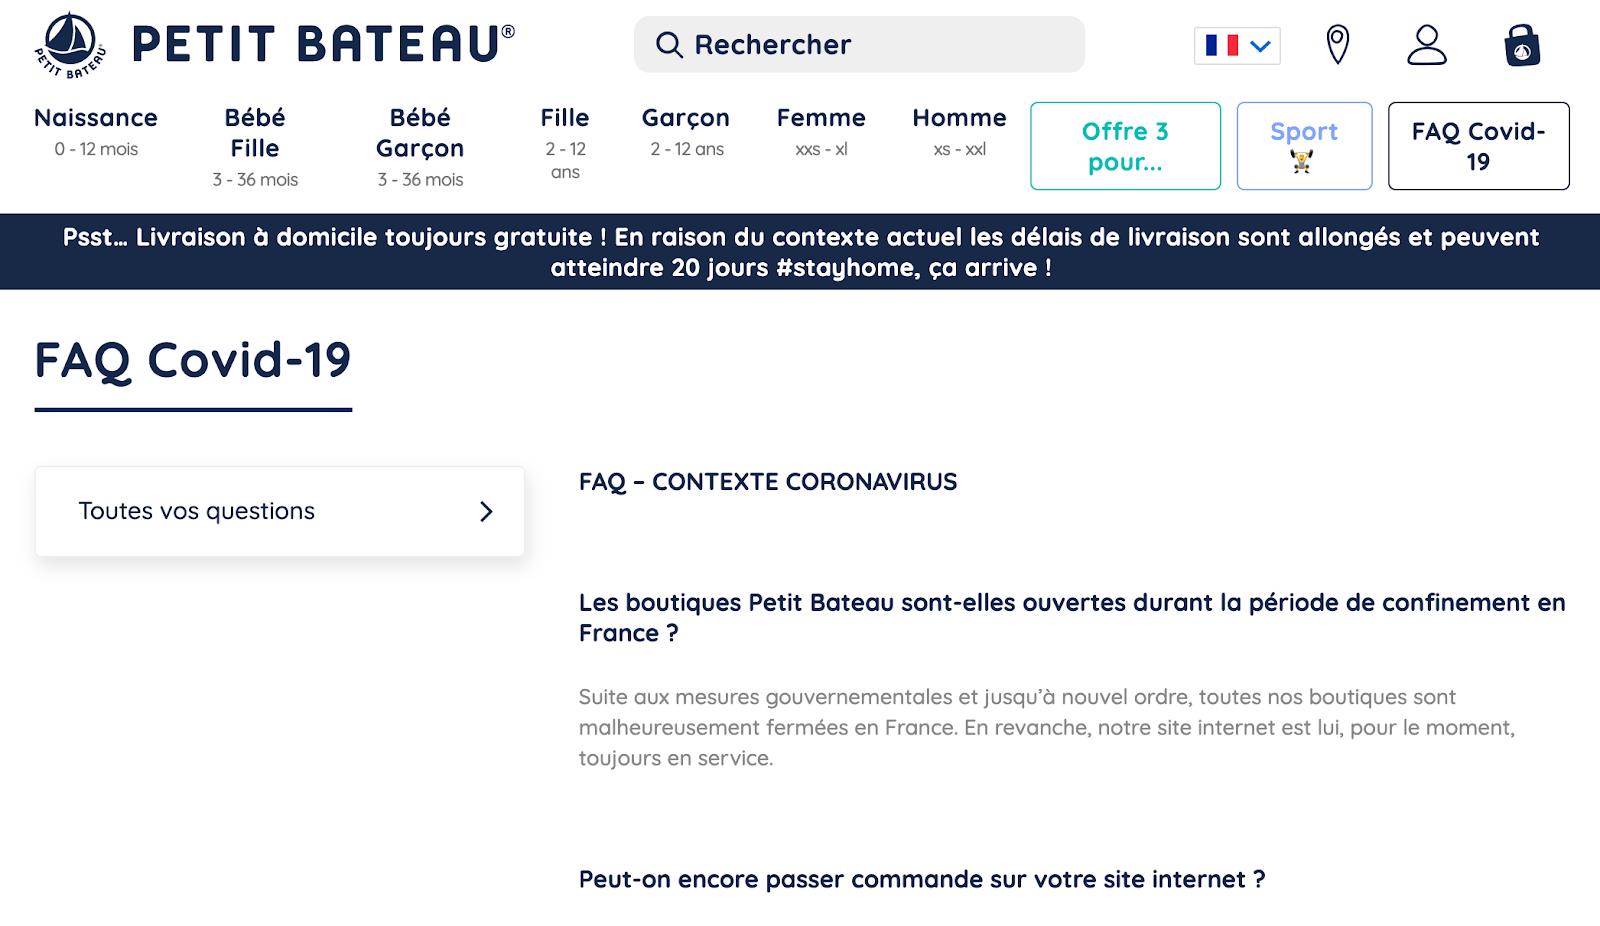 Rubrique FAQ actualisée avec le Covid19 pour la marque Petit Bateau